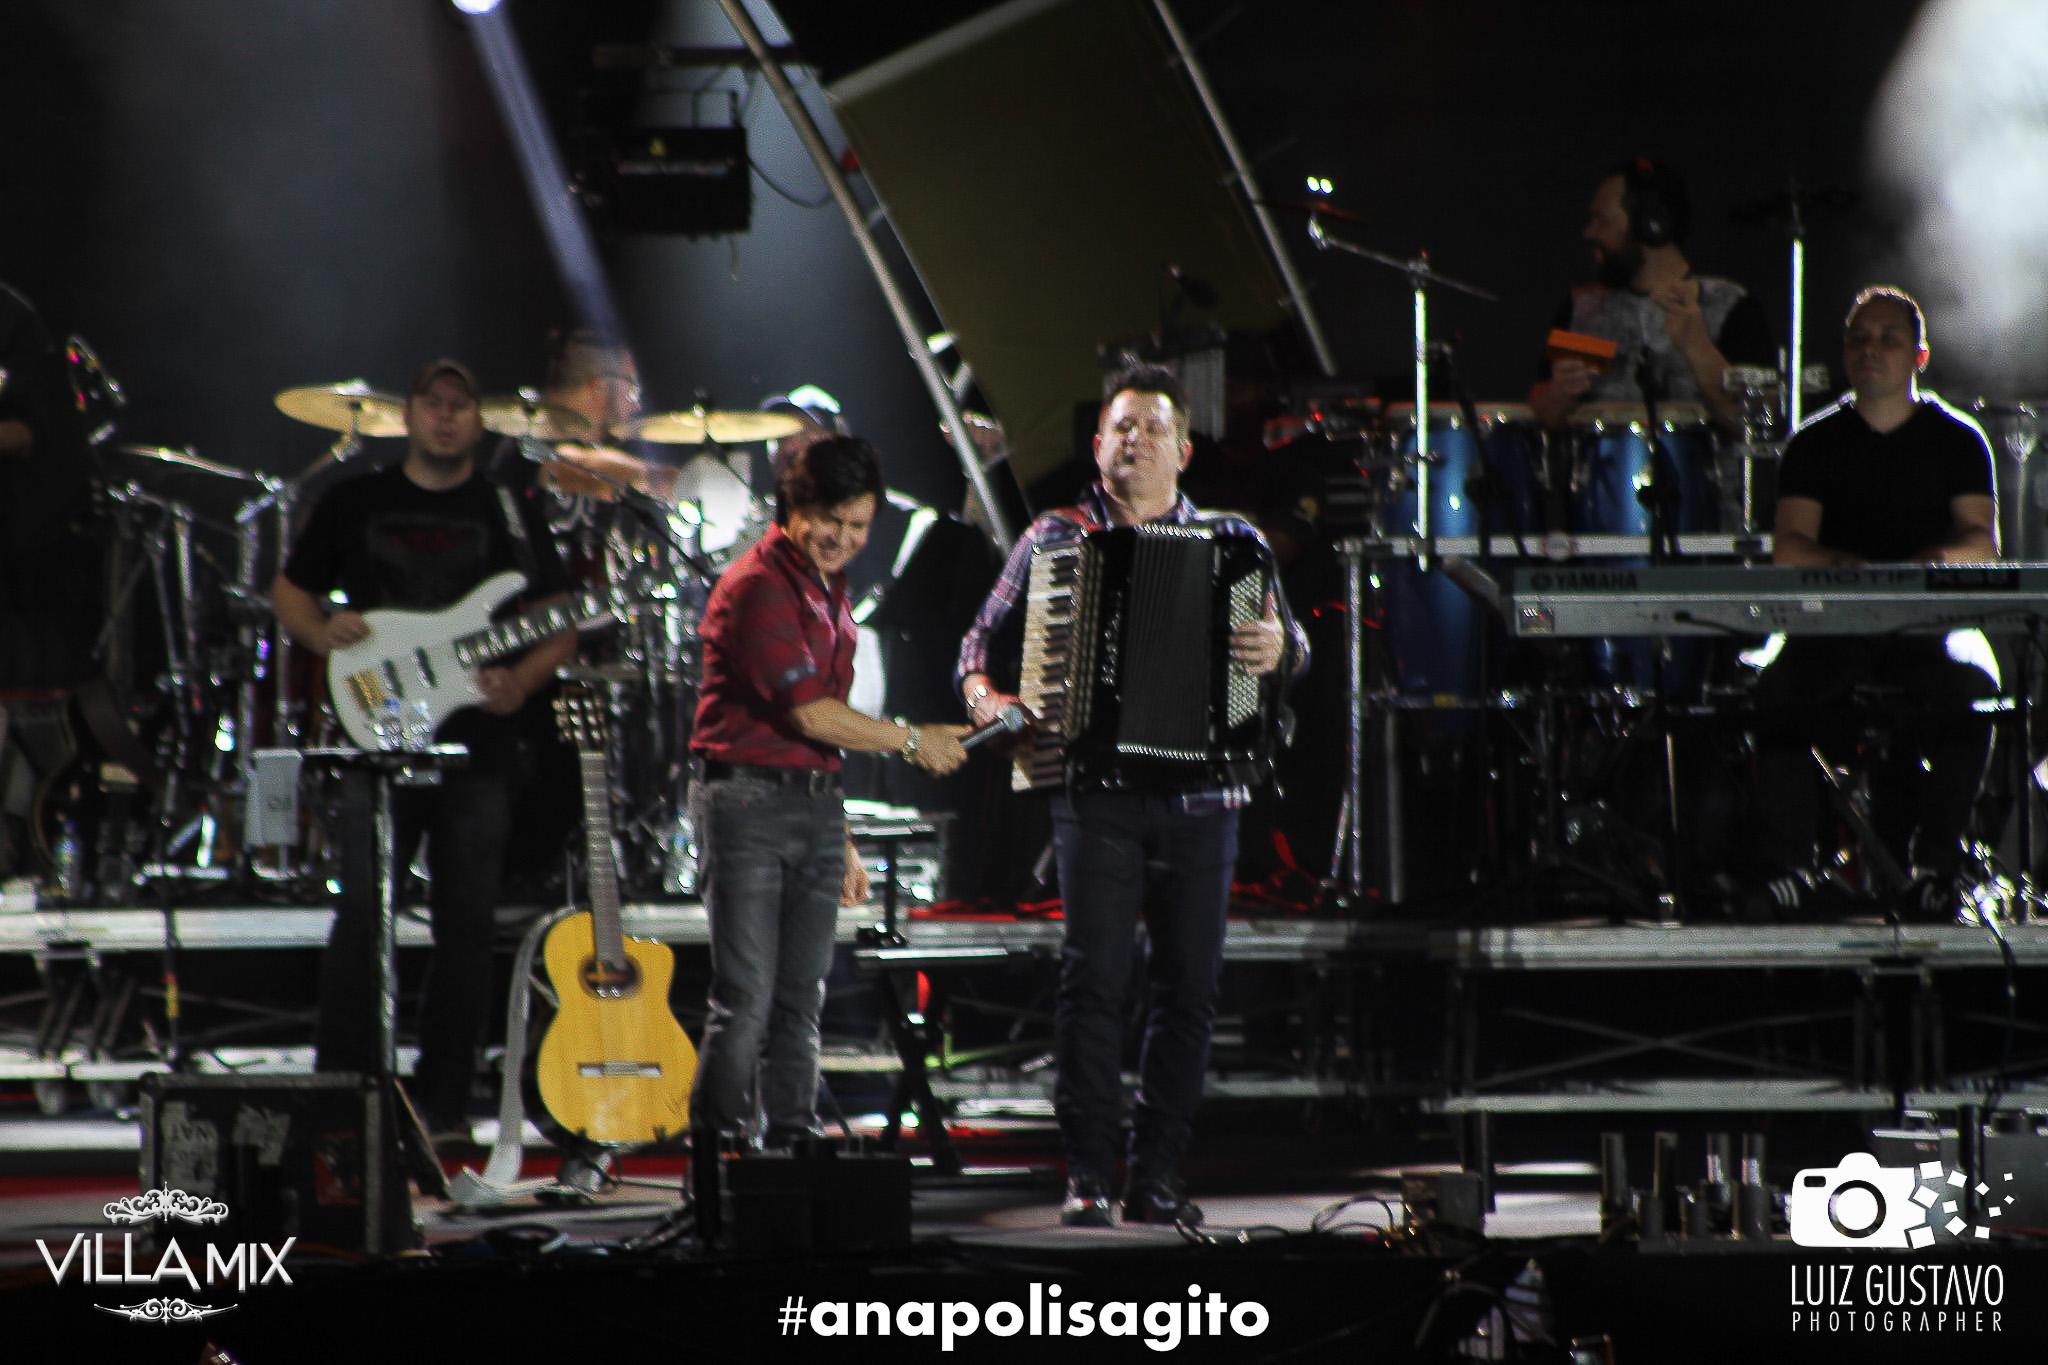 Luiz Gustavo Photographer (133 de 327)